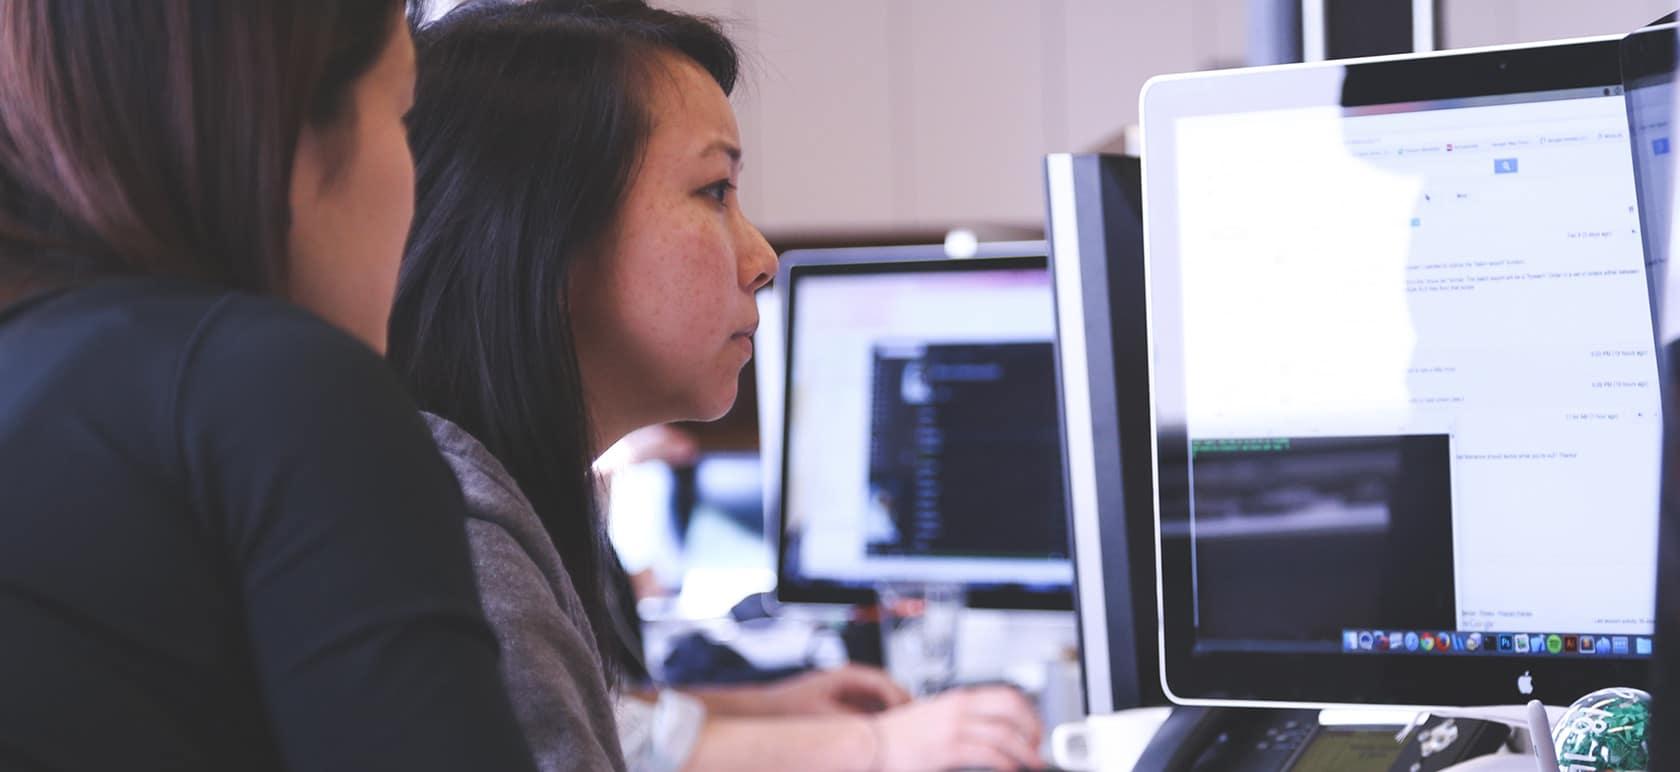 Une femme regardant une autre femme travailler.